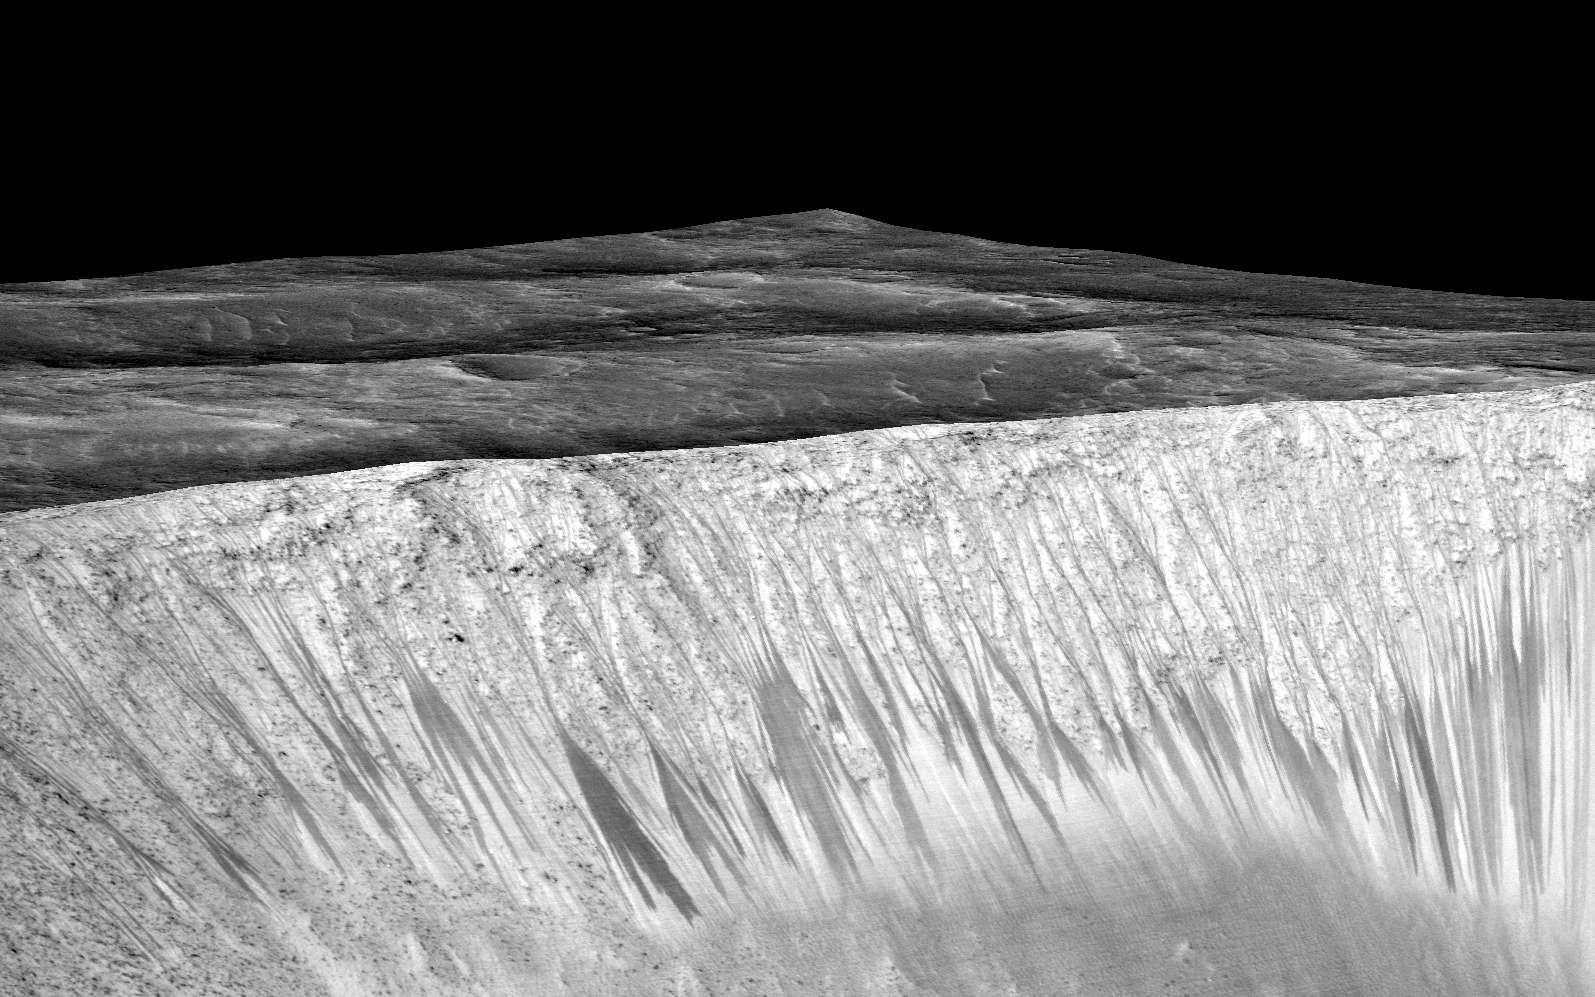 Des écoulements observés à la surface de Mars, ici en l'occurrence sur les pentes du cratère Garni, par la caméra Hirise (High Resolution Imaging Science Experiment) de la sonde MRO (Mars Reconnaissance Orbiter). © Nasa, JPL-Caltech, University of Arizona